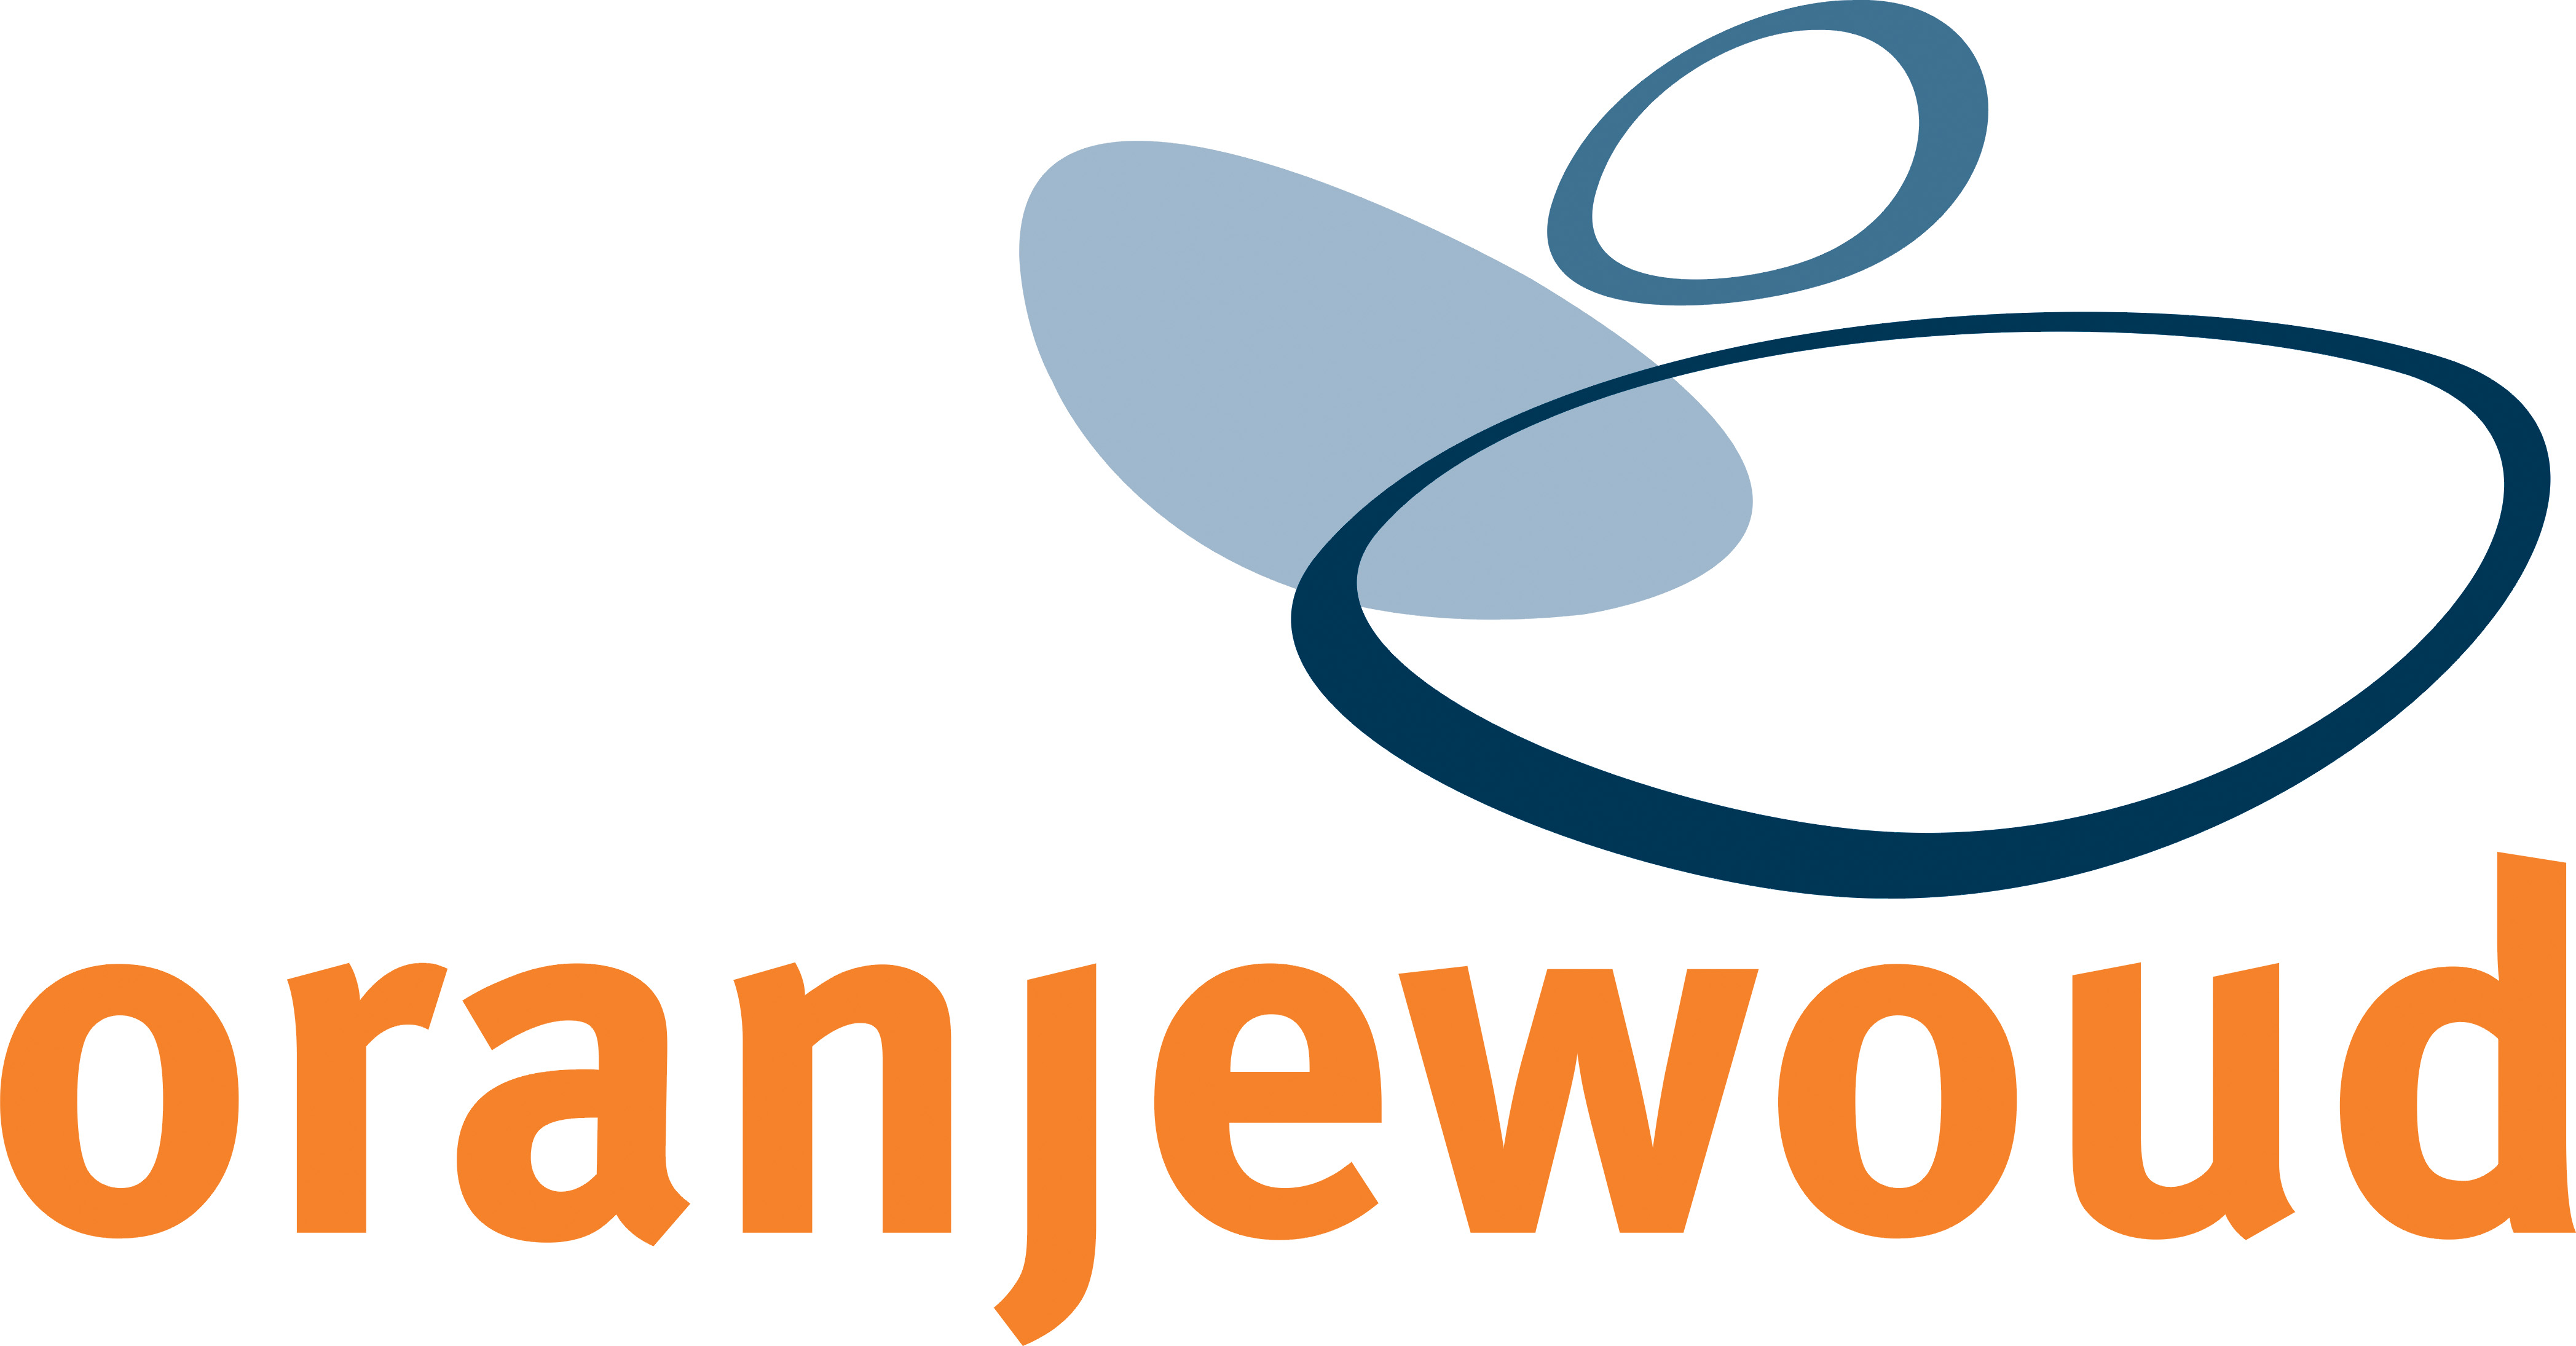 Opinie: Adieu Oranjewoud